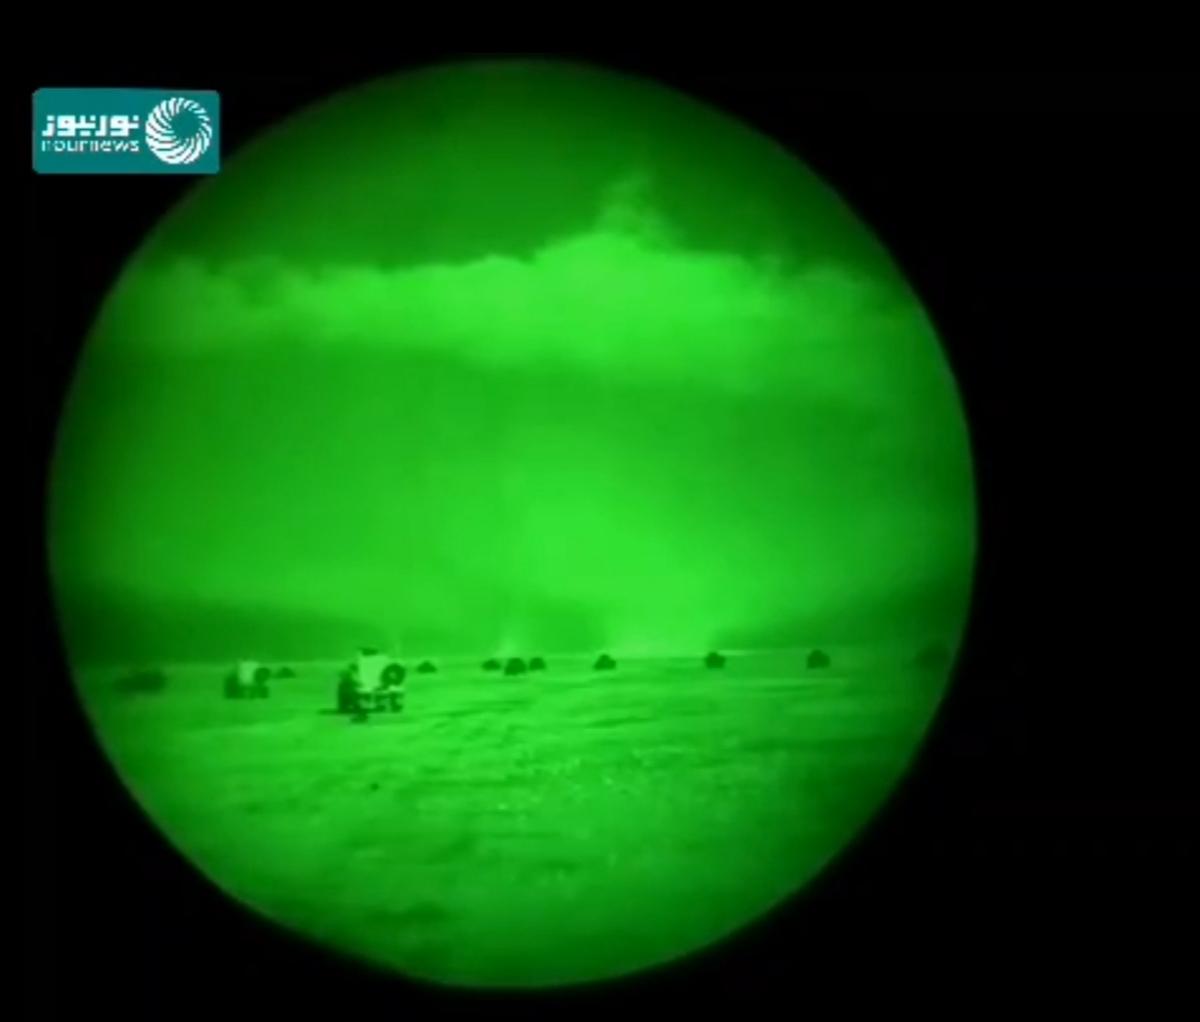 حمله موشکی ایران به پایگاه عین الاسد از نگاه دوربین دید درشب پایگاه + ویدئو